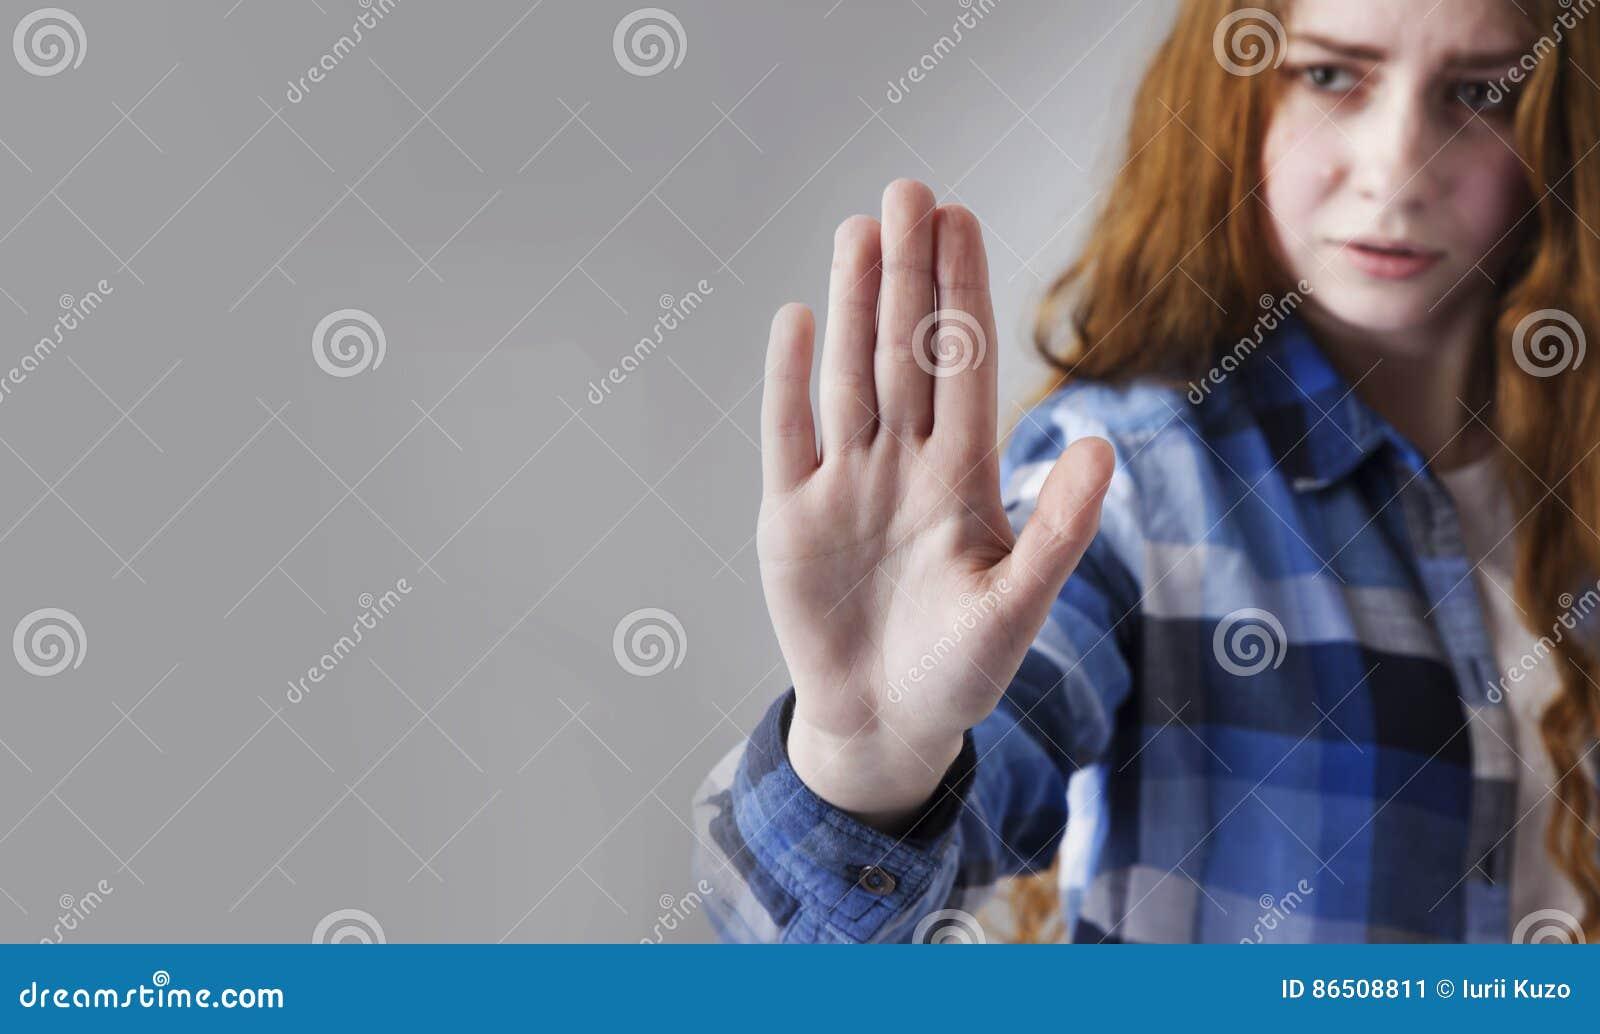 Linguagem corporal do gesto do sinal da mão da parada da exibição da menina, gestos, picosegundo